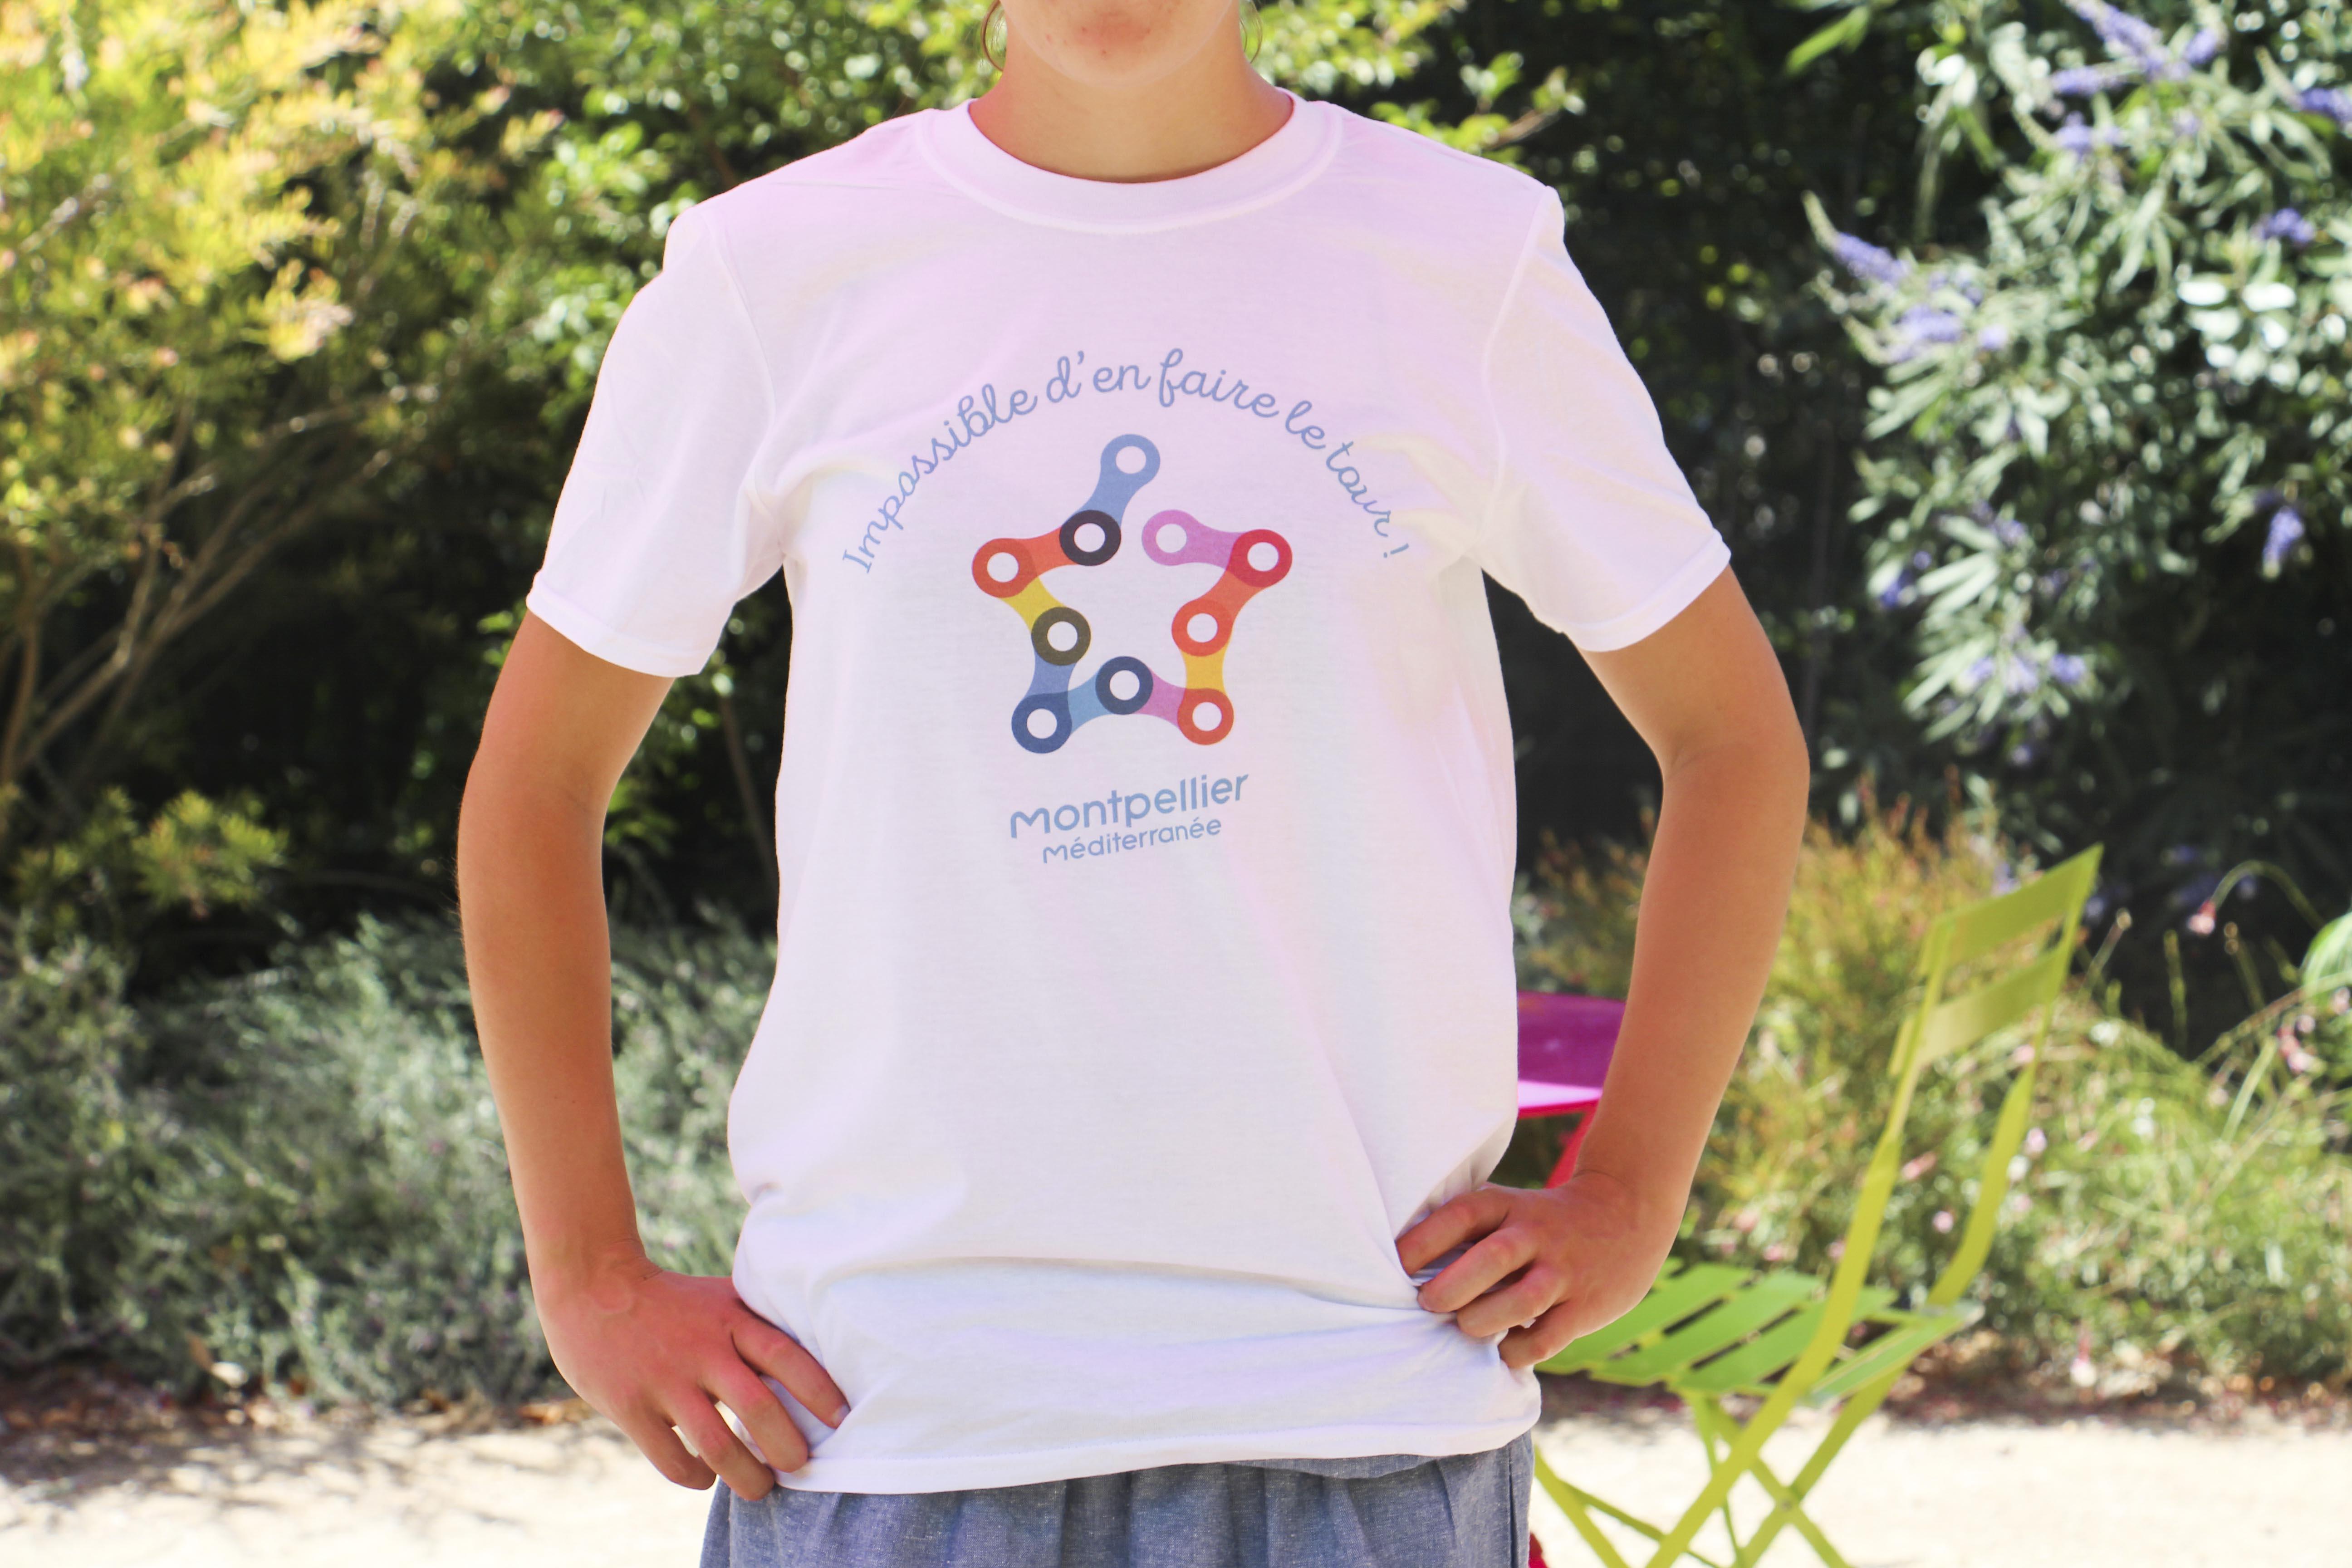 Spécial Tour de France, des nouveaux t-shirts à l'OTC3M !